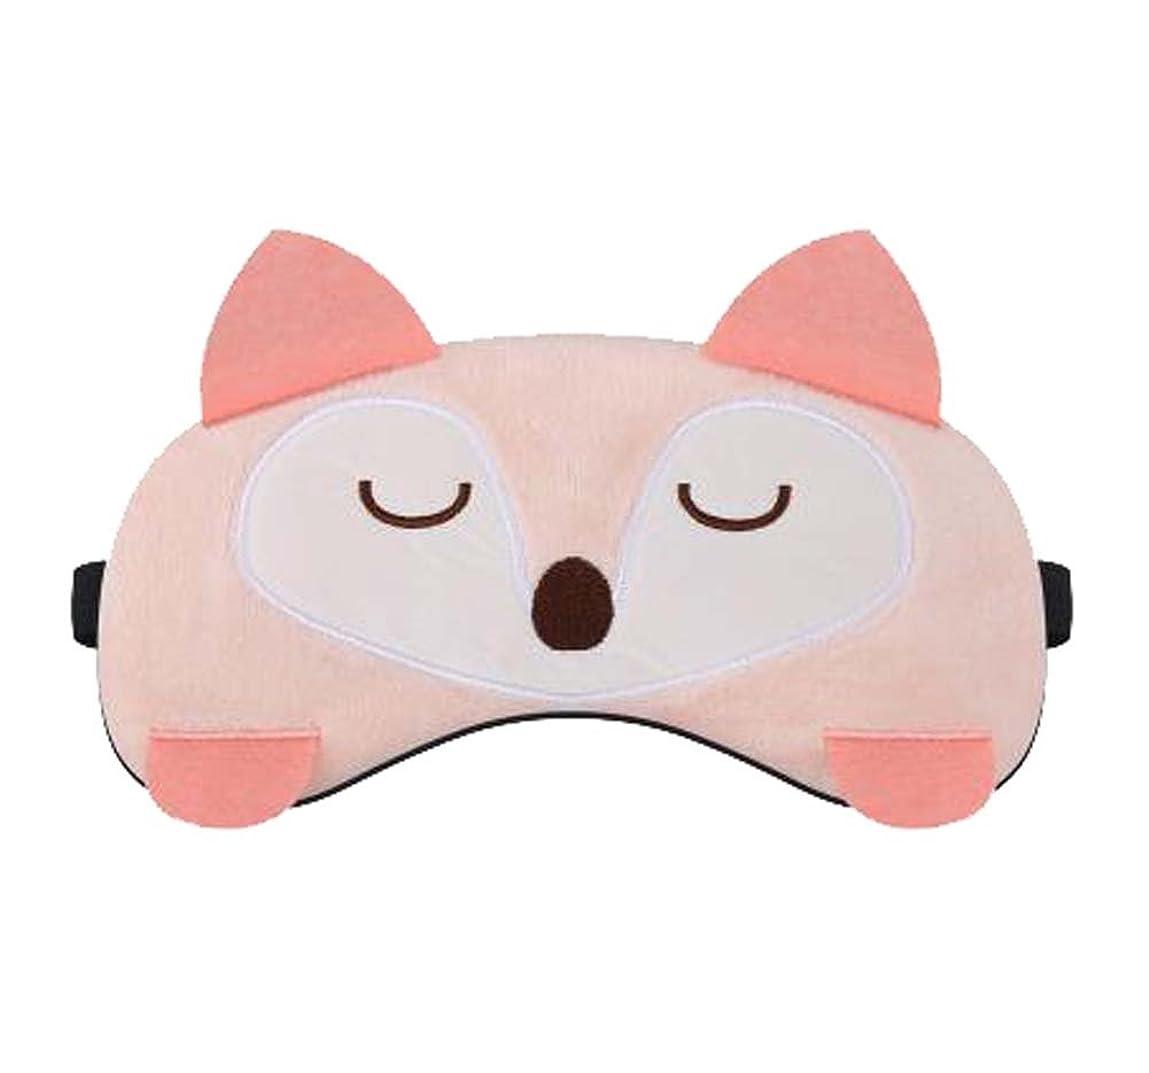 一杯メッシュグレートオークかわいい睡眠マスクアイマスク - セラピー不眠症 - 男性、女性、女の子、子供、A